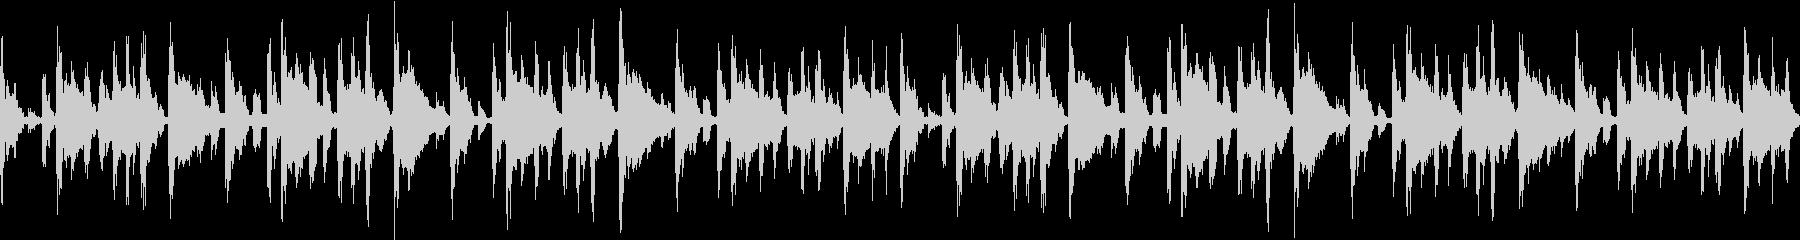 チル系エレクトロBGMの未再生の波形